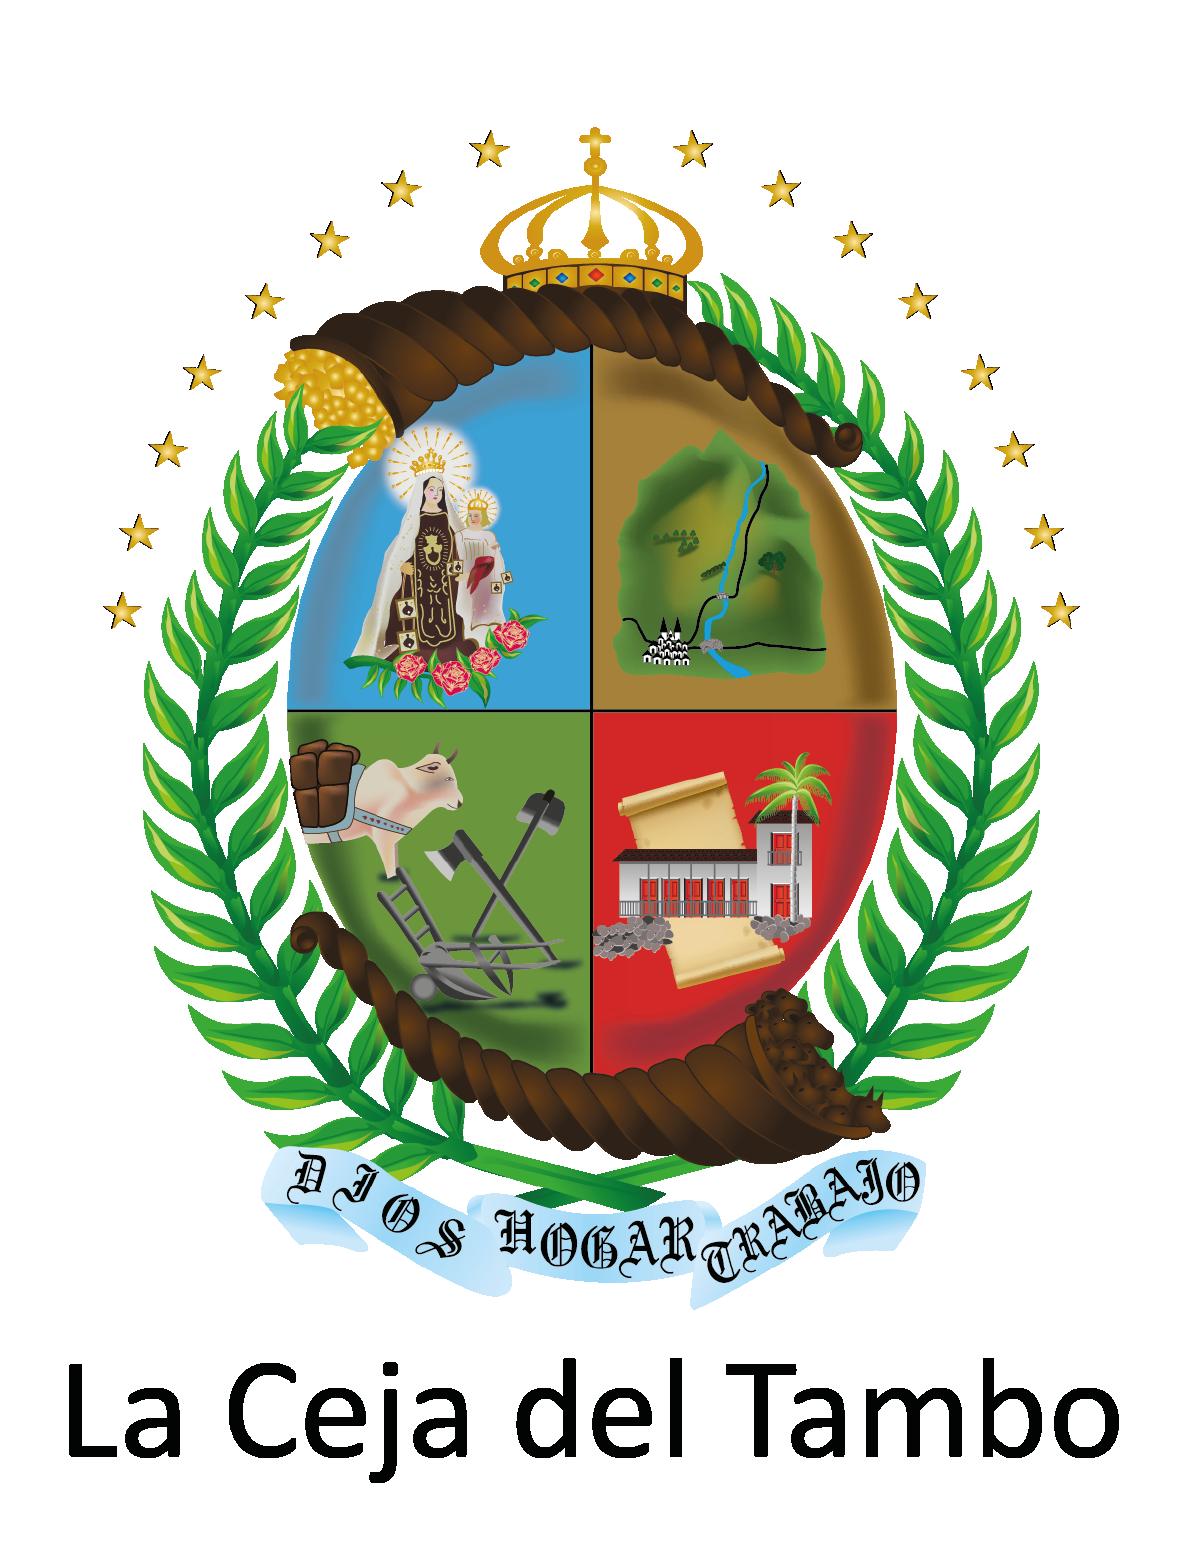 File:Escudo del municipio de La Ceja del Tambo.png.